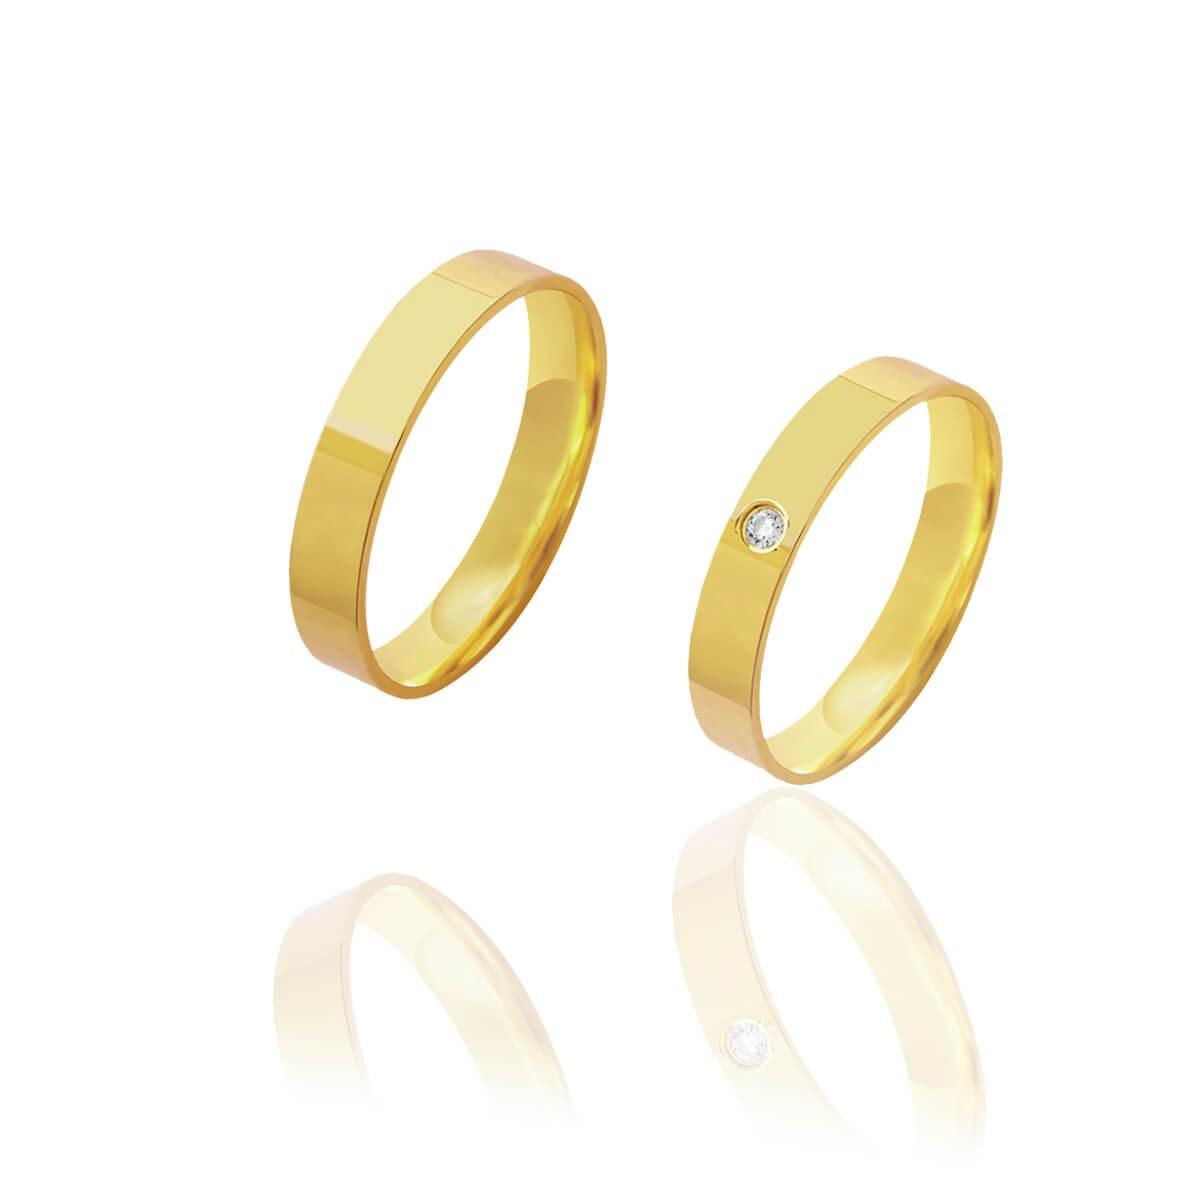 Par de Alianças de Casamento Afrodite Ouro 18k Reta Brilhante Central Embutido 4mm 5g